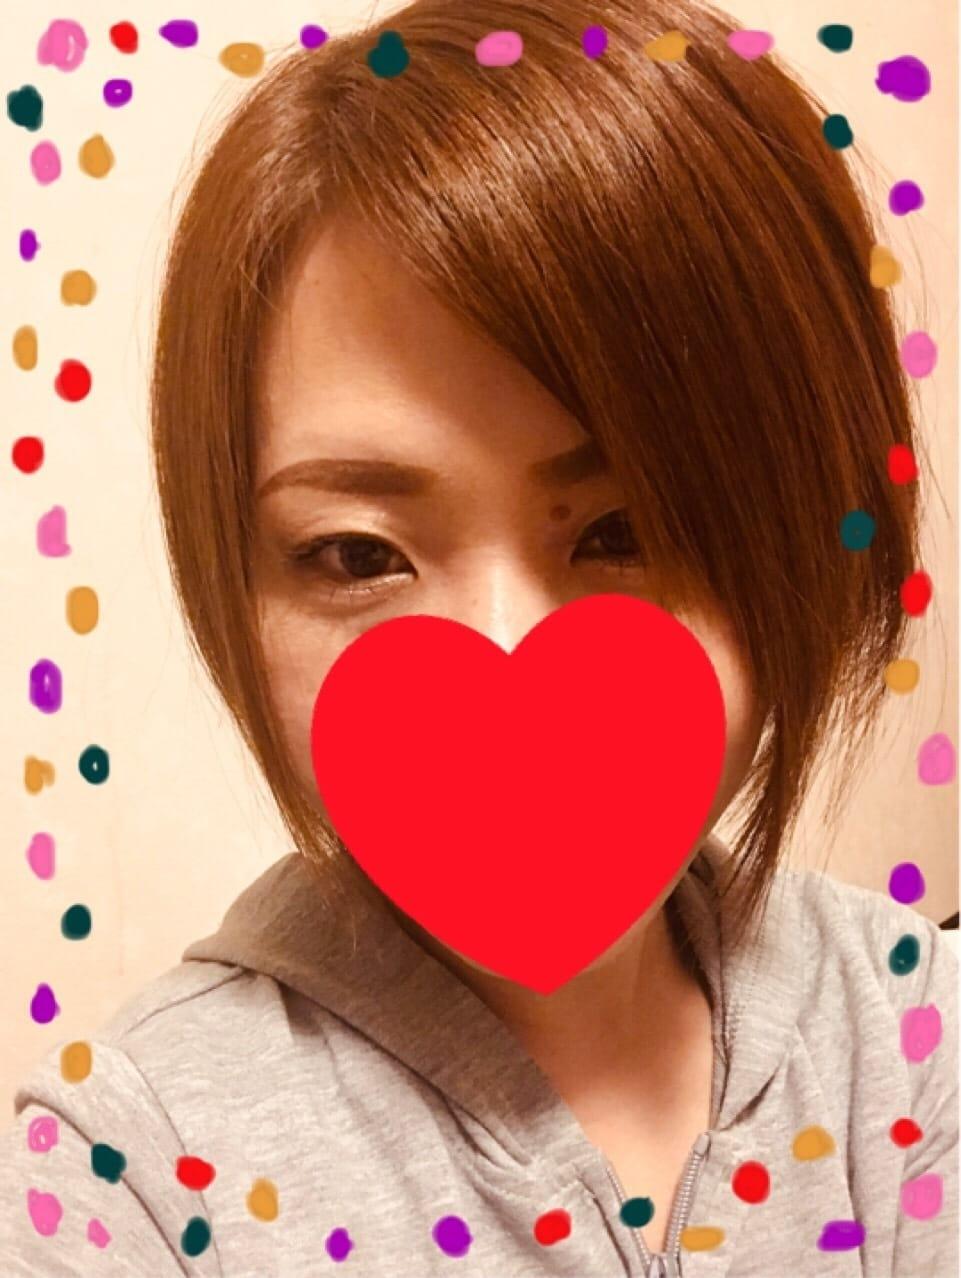 「昨日のお礼」04/22(日) 09:31   れんの写メ・風俗動画